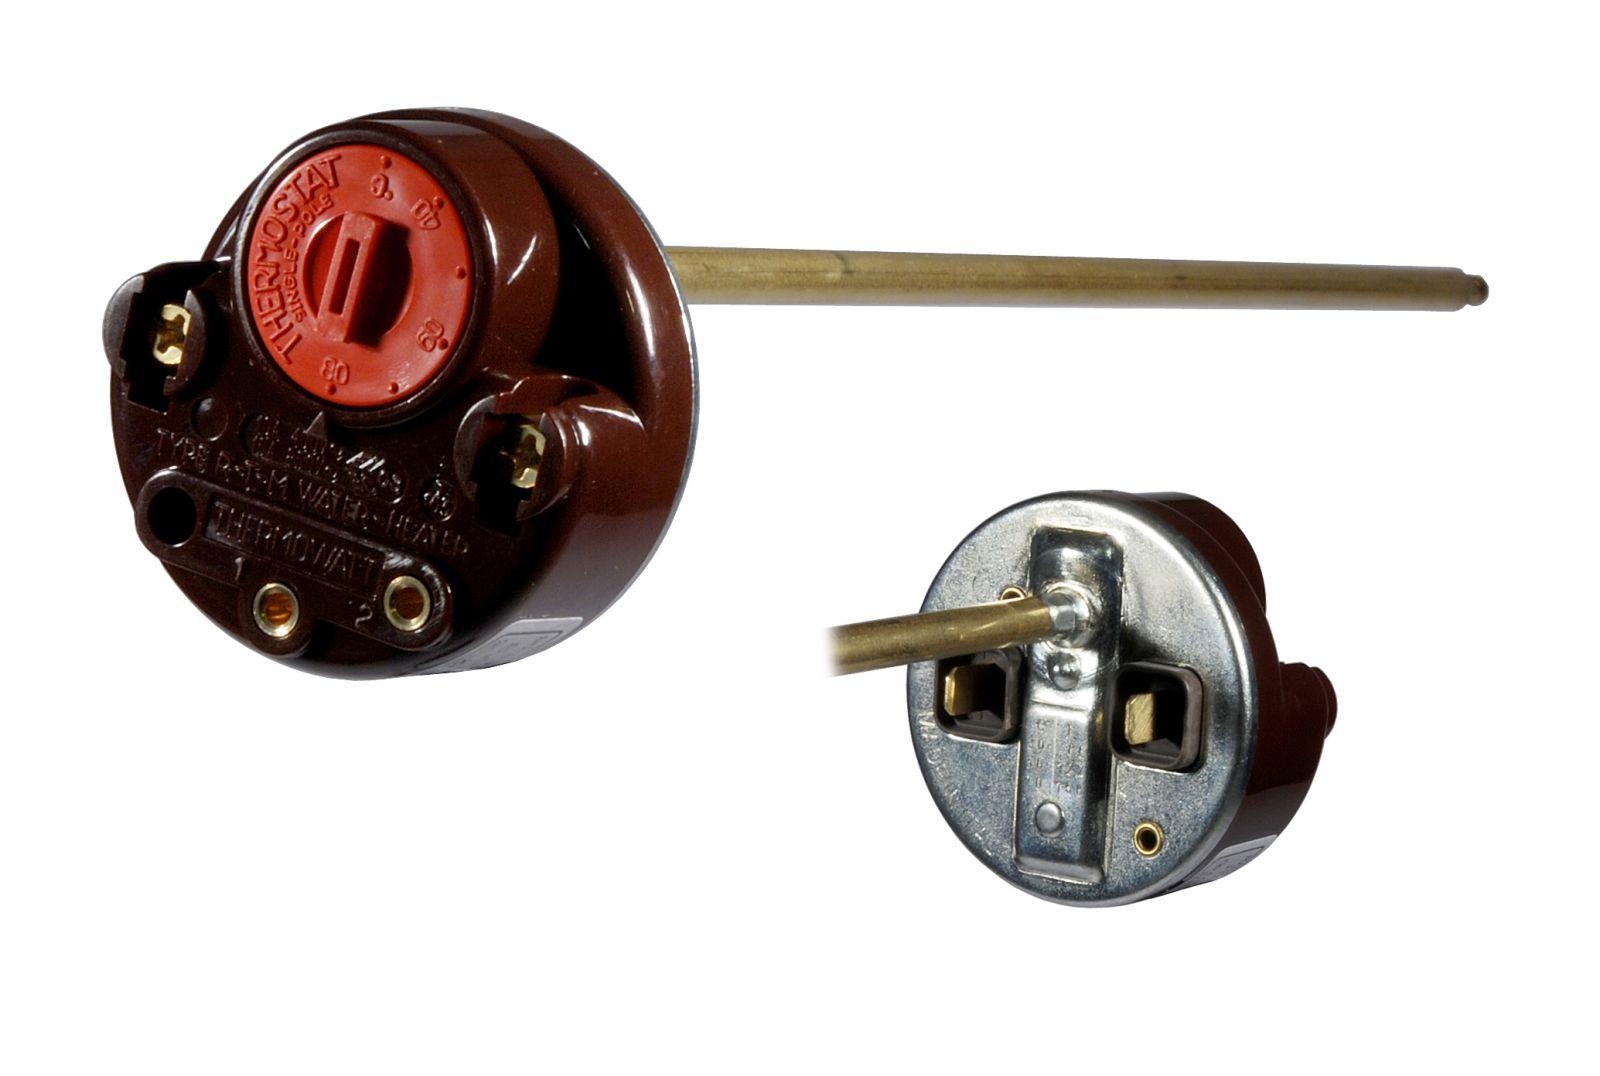 termostat nastavitelný pro ohřev vody v bojleru Ariston - 3412105 Whirlpool / Indesit nejlevněji v ČR